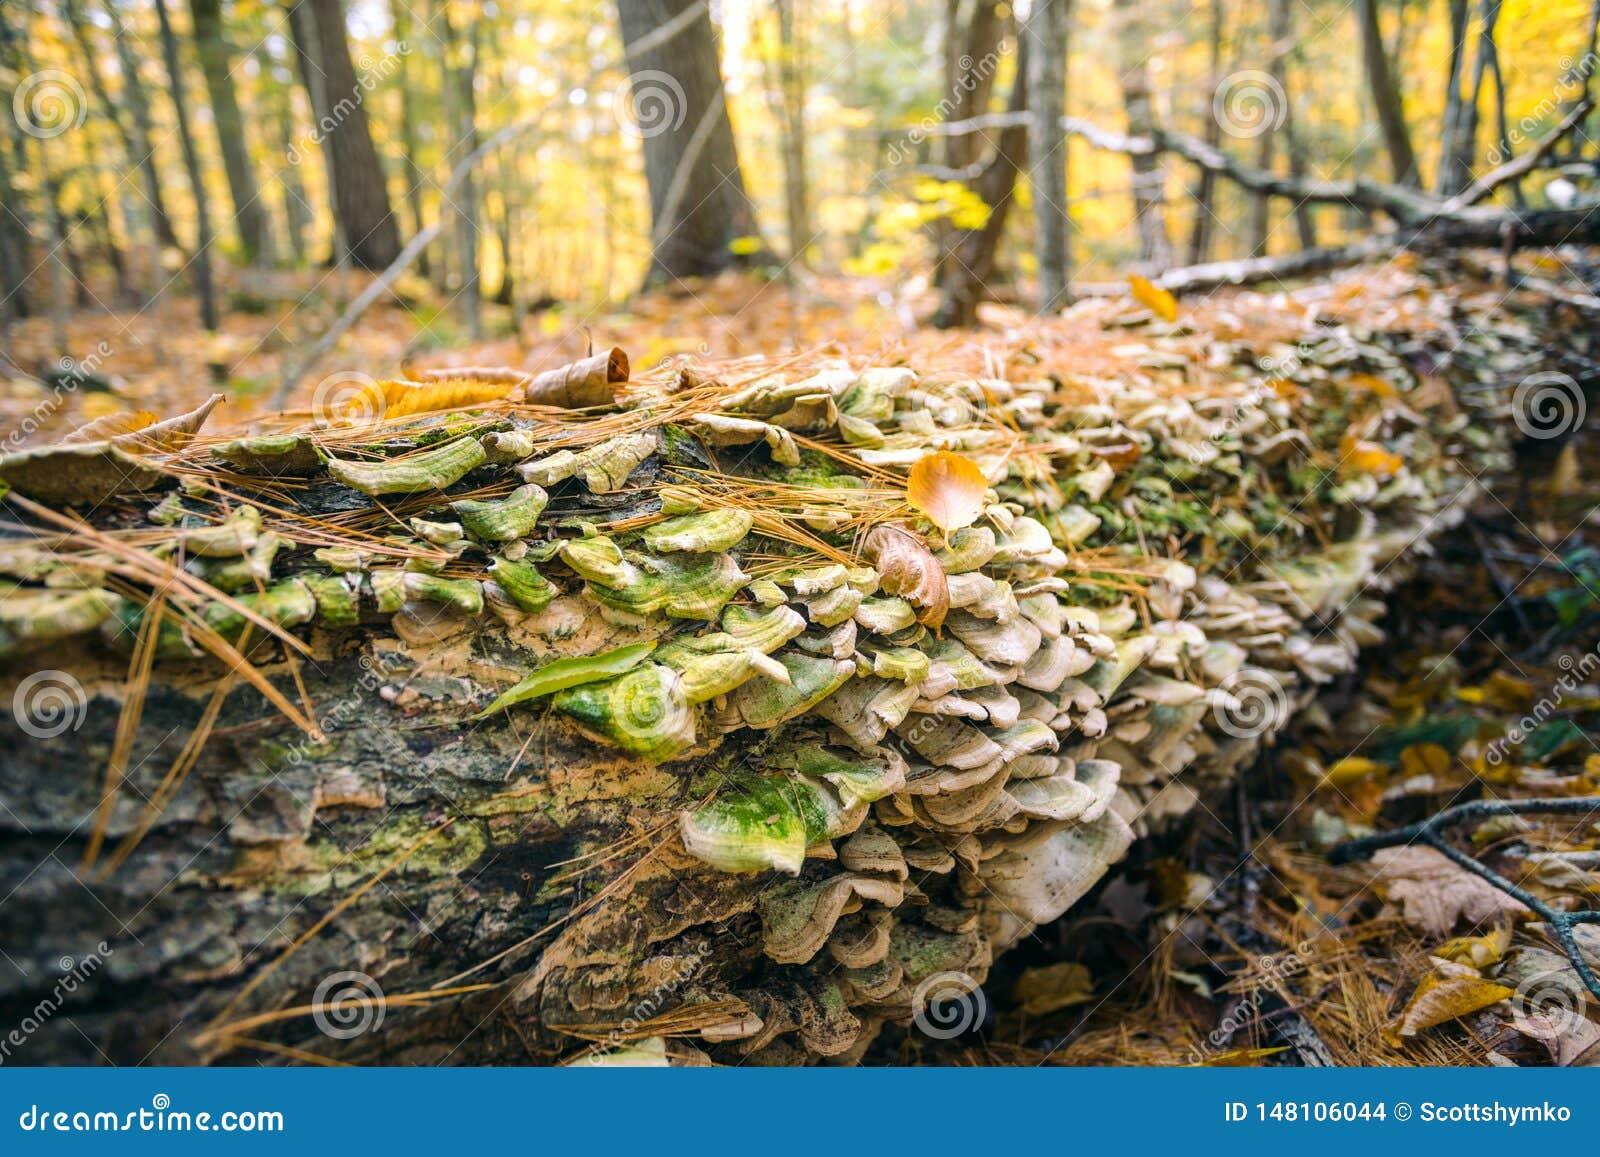 Los hongos crecen a lo largo de un árbol caido en bosque del otoño